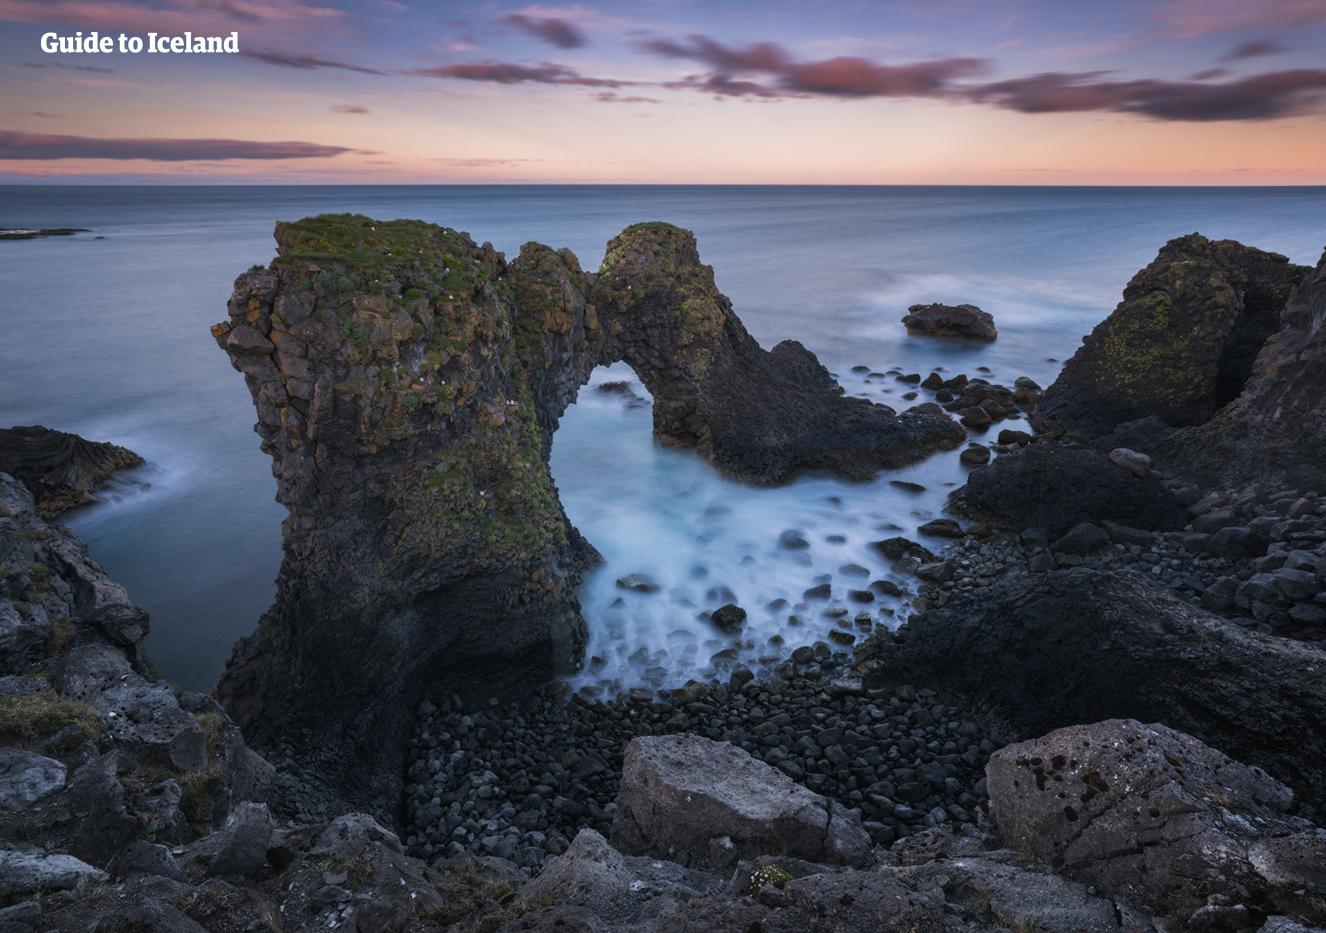 Gatklettur är bara en av många fantastiska klippformationer som finns på Snæfellsneshalvön på västra Island.